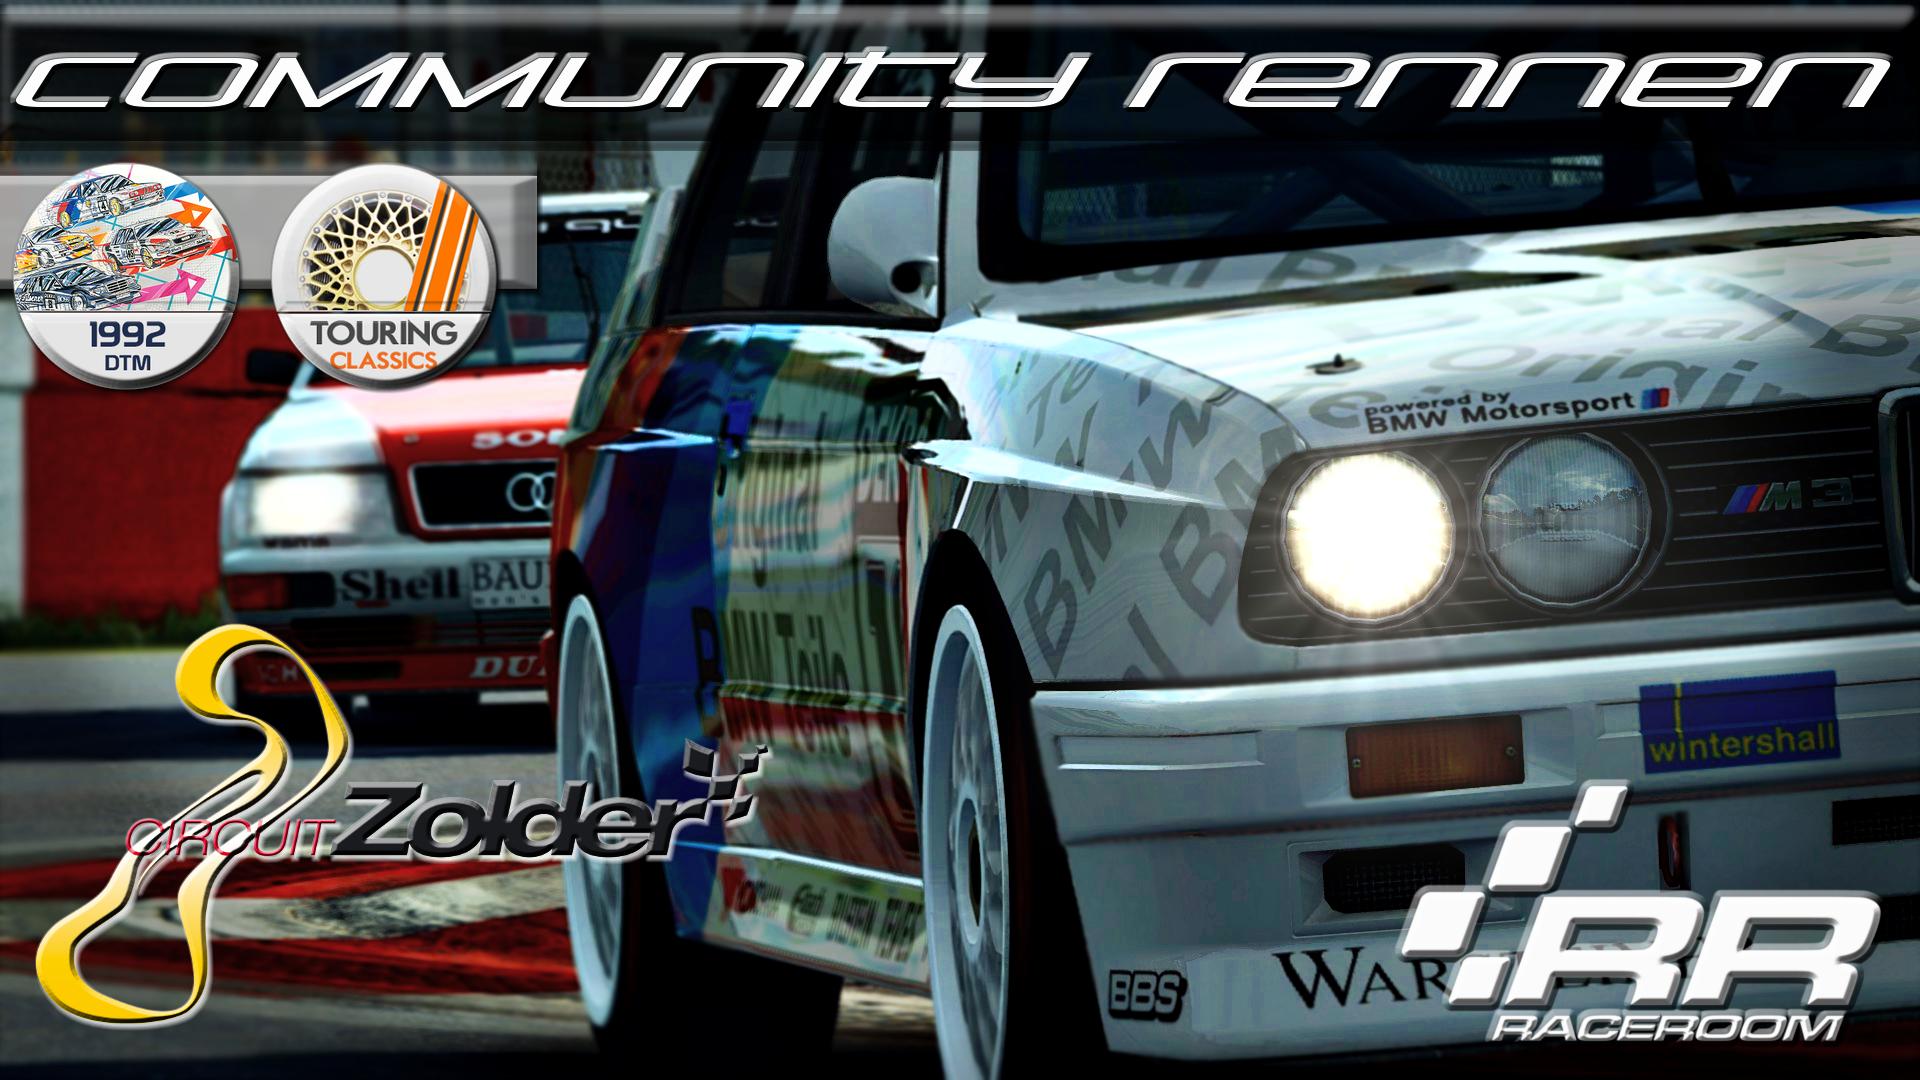 R3E CR72   DTM 92 & Touring Classics @ Zolder Grand Prix